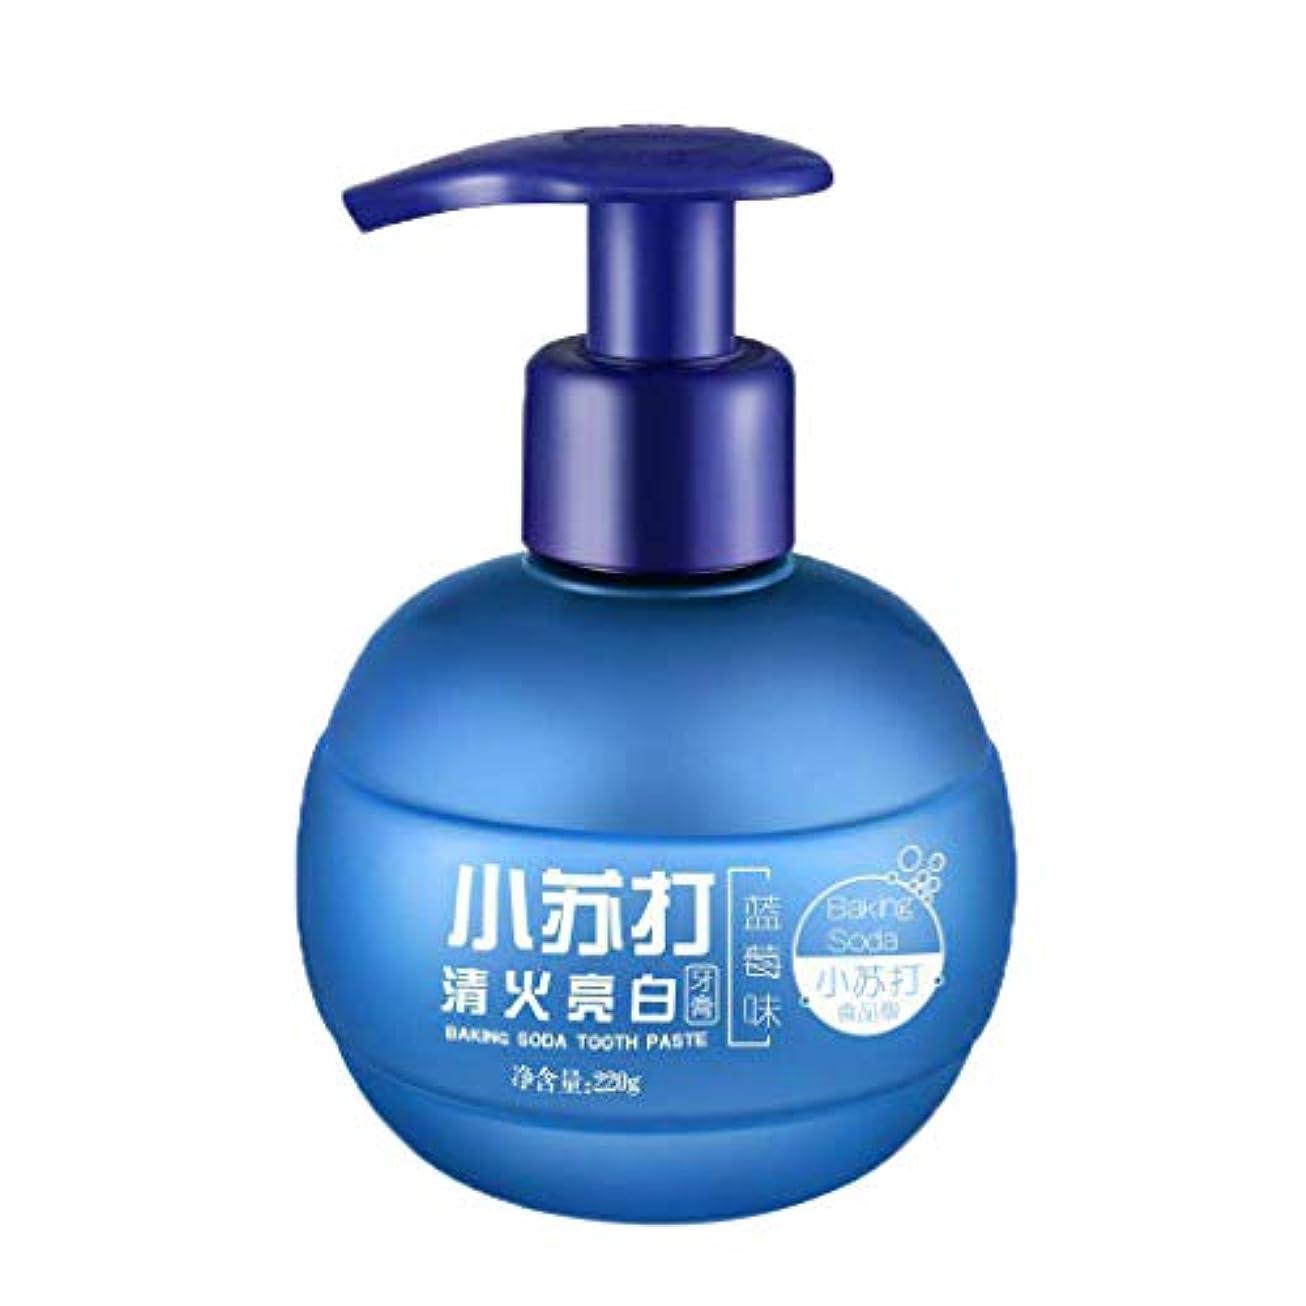 ずるいダイバー肌Dream 歯磨き粉 歯みがき 歯周プロケア 歯科用 ソーダ 口臭予防 美白 220g (ブルー)